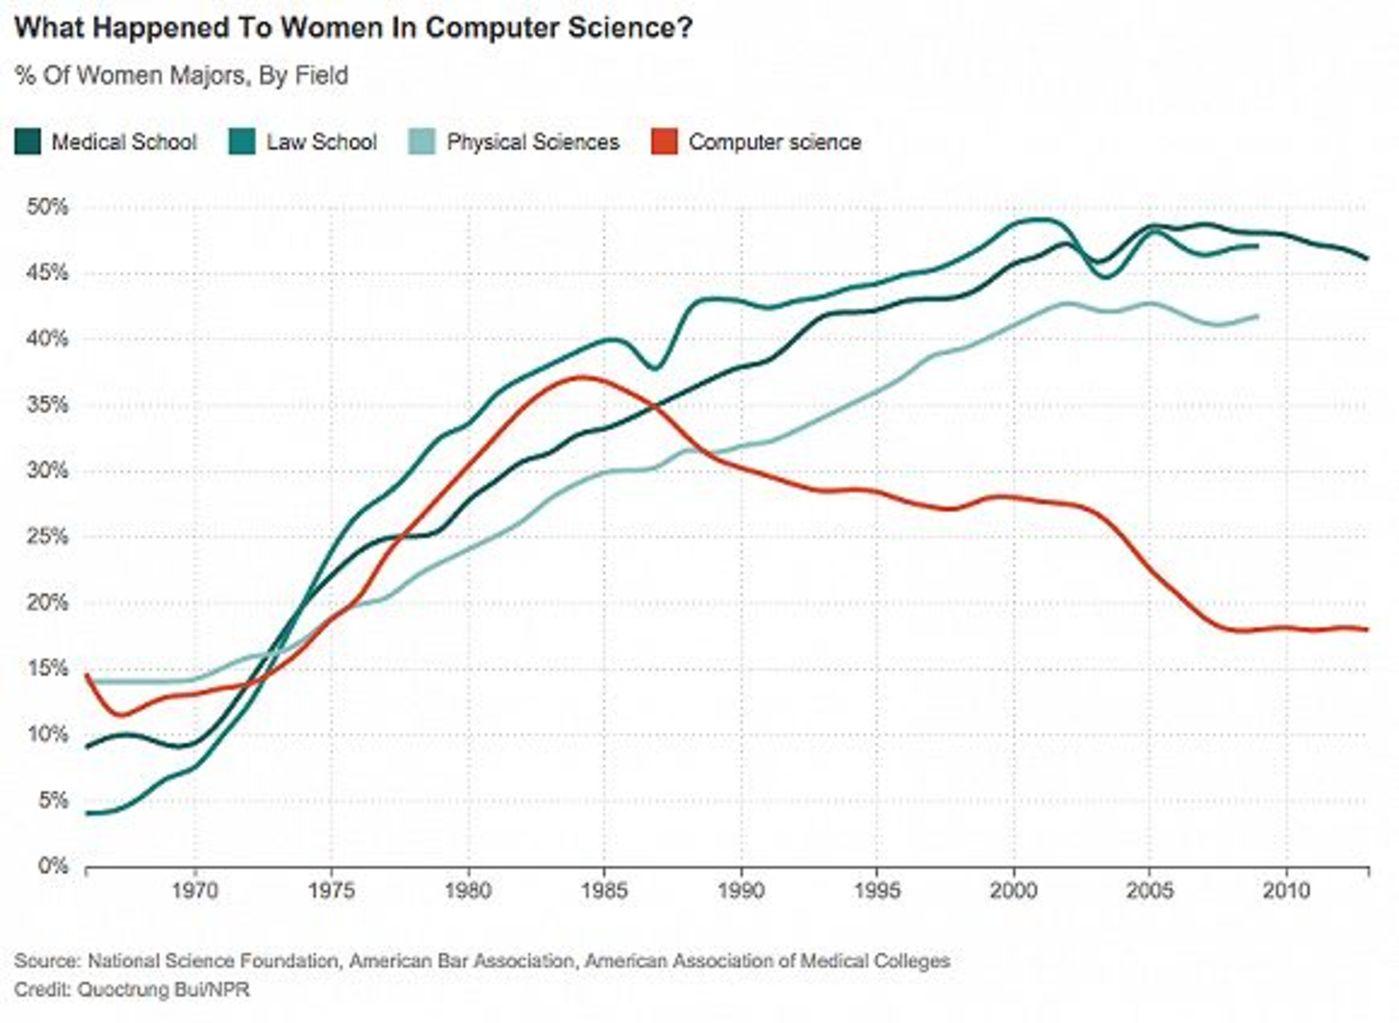 上图代表了从 1965 年至 2015 年美国女性在高校不同专业人数的变化。红色曲线为计算机学科女性数量